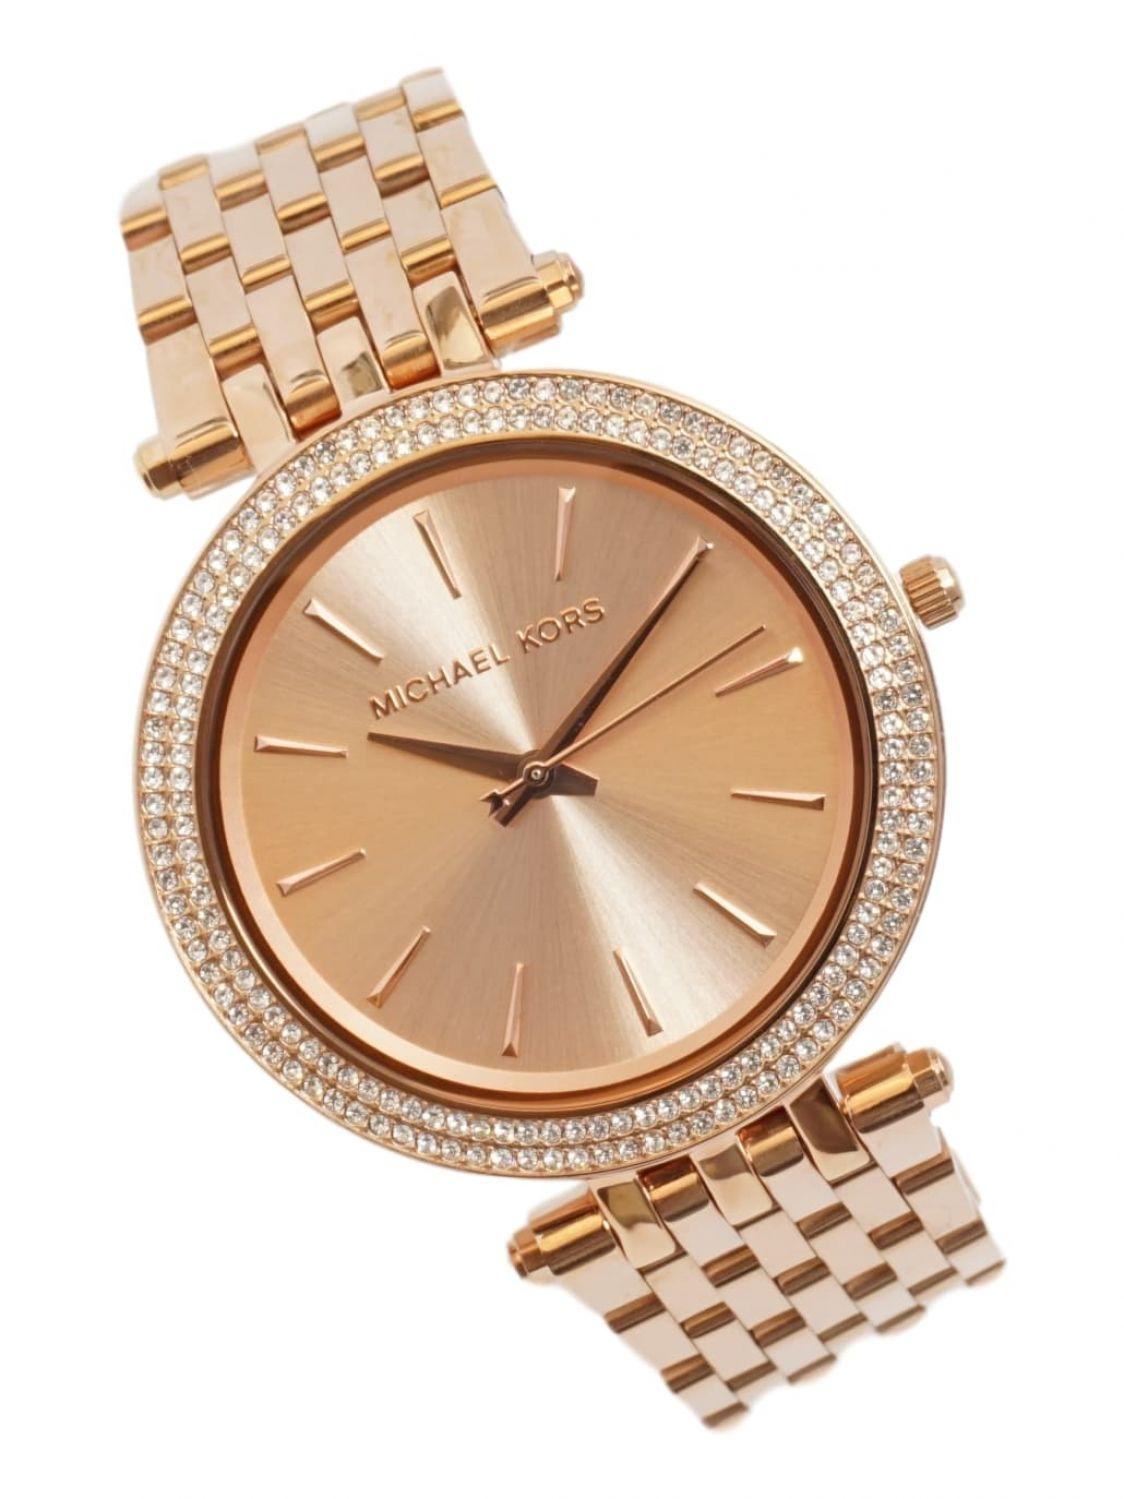 Michael Kors Mesdames Bracelet montre Darci analogique quartz MK3192 inox  Rosé or nouveau * prix de vente conseillé de 249